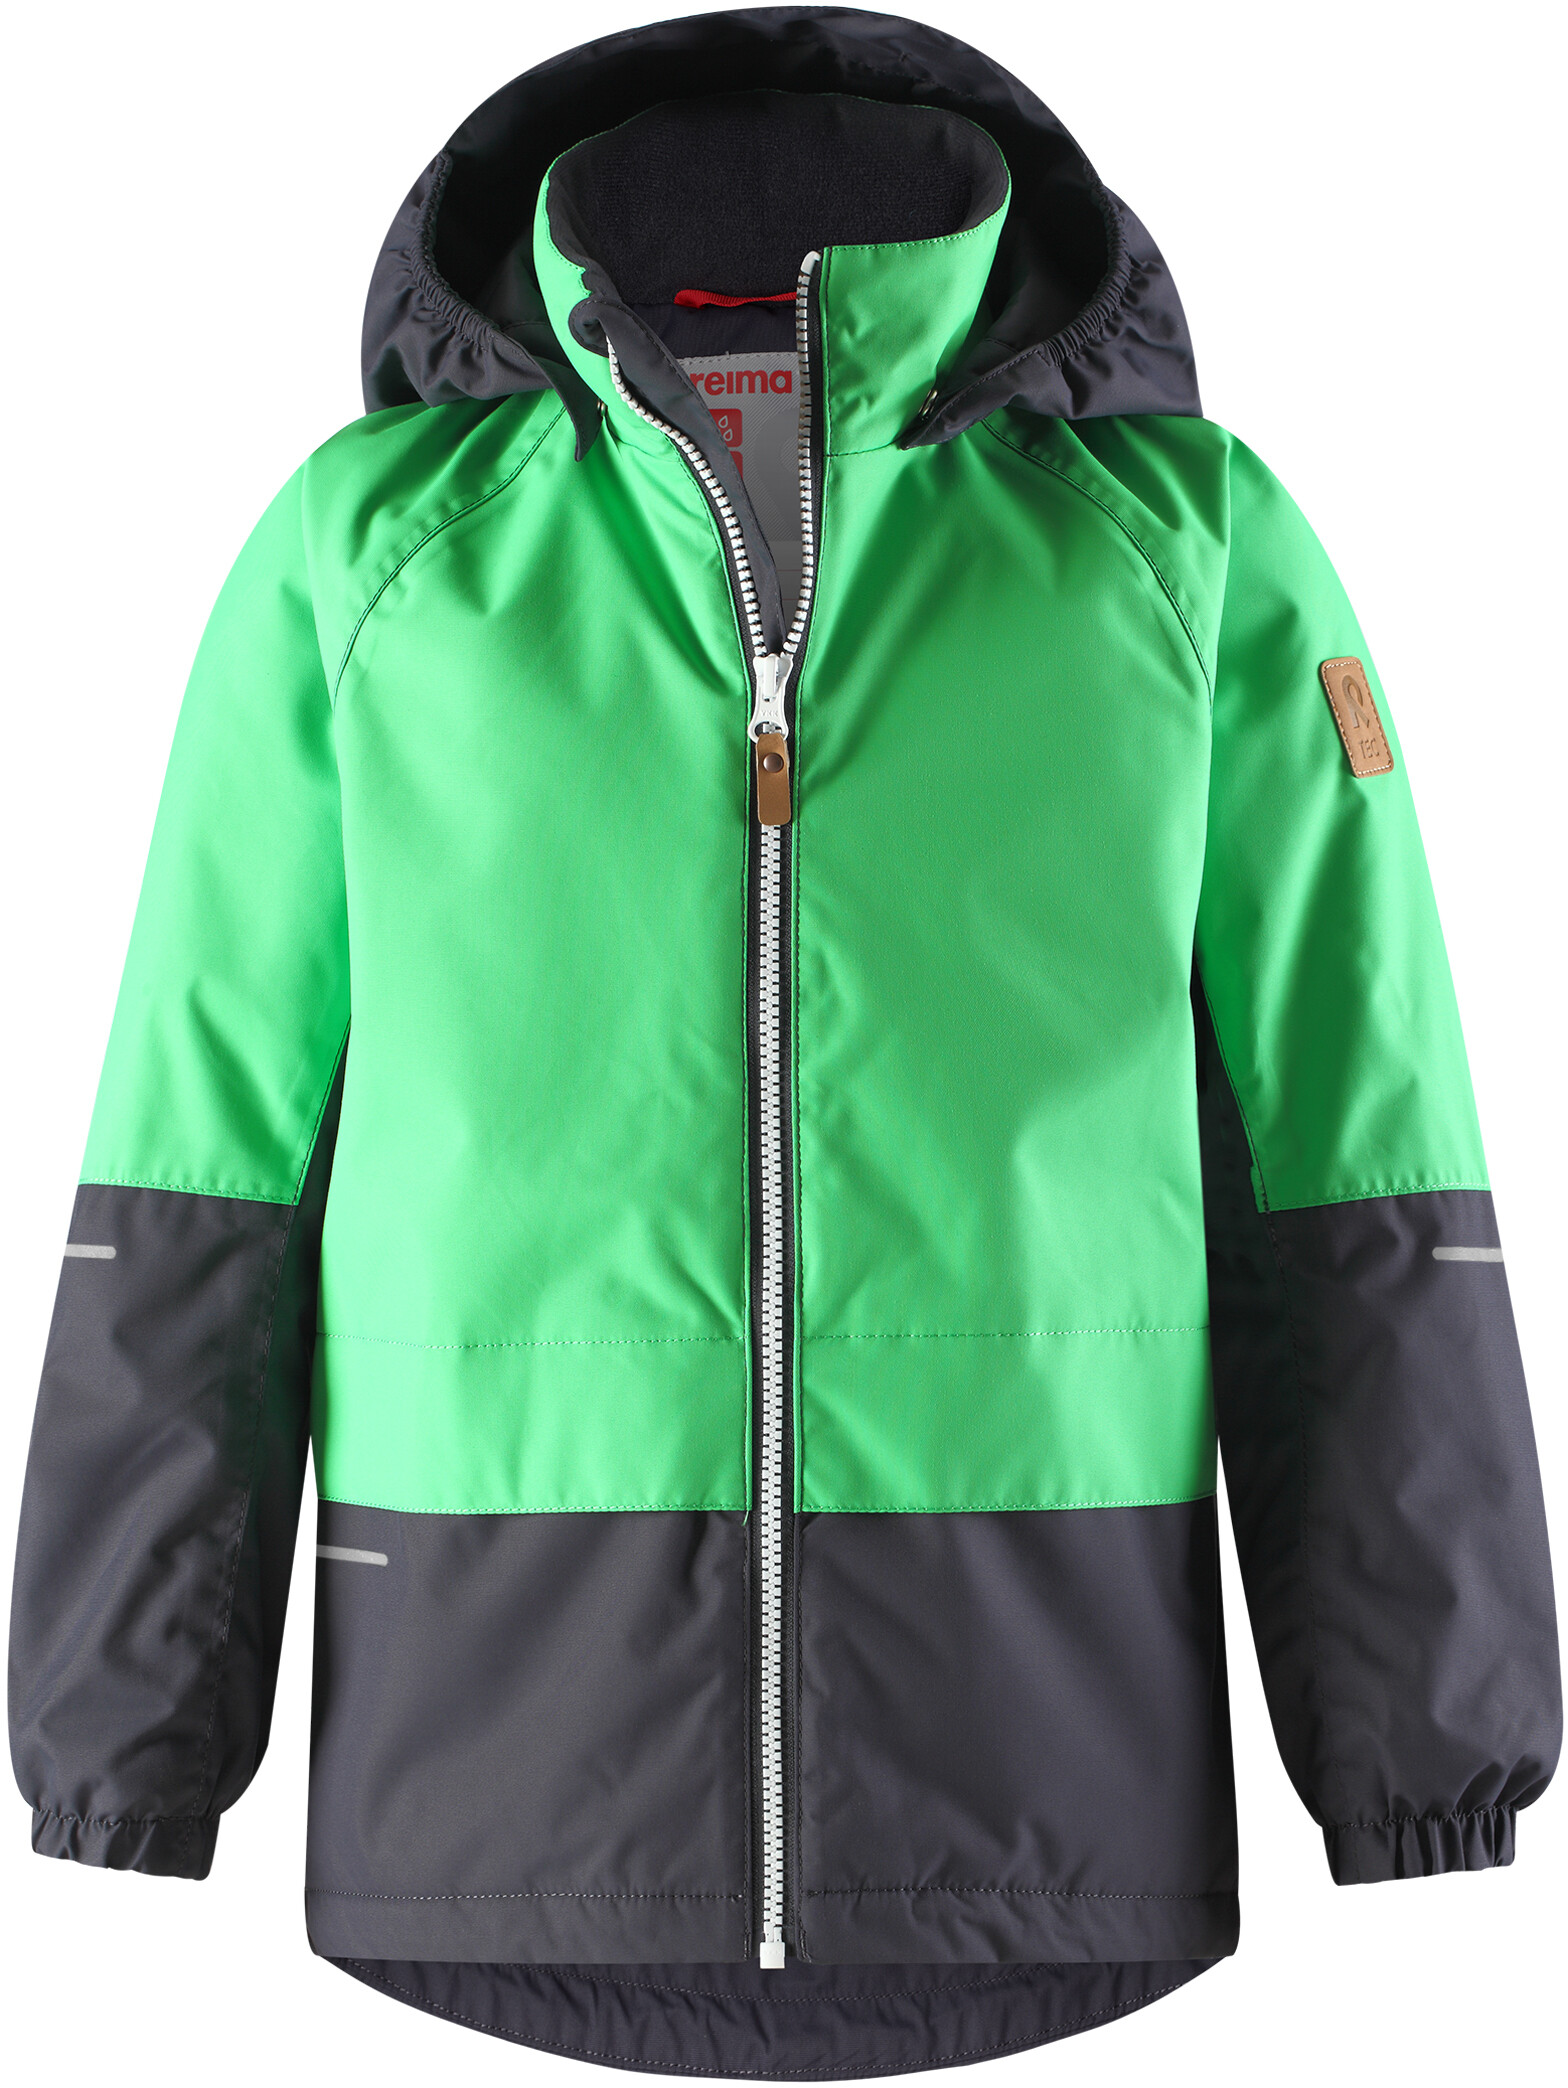 1f2aabdad5d Reima Aho Jakke Børn grøn/sort | Find outdoortøj, sko & udstyr på ...